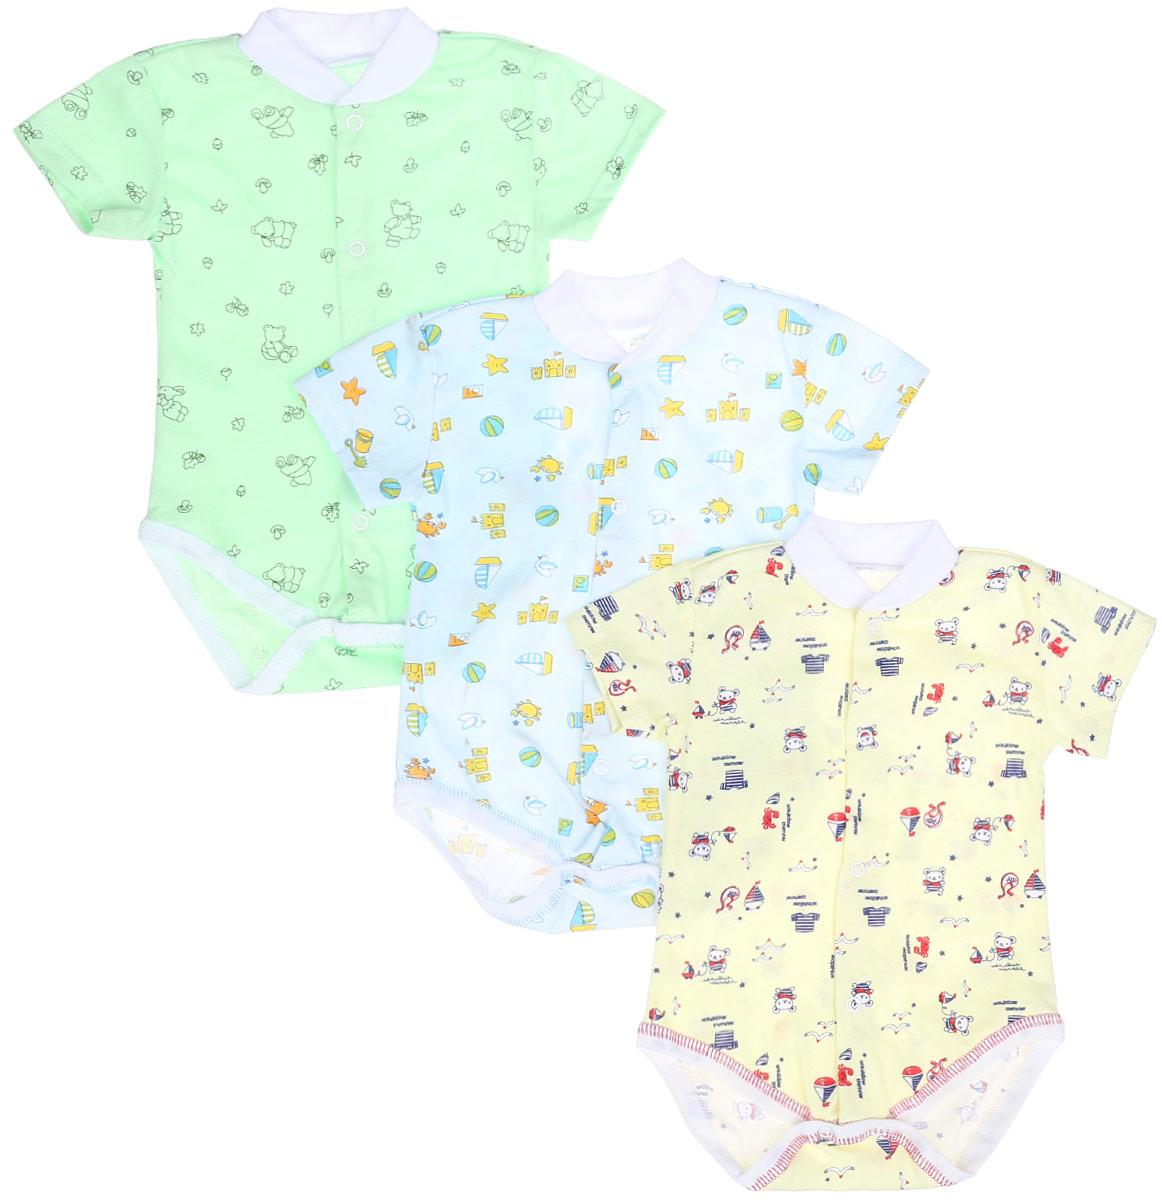 Боди-футболка детское, 3 шт. 10-325м10-325мКомплект Фреш Стайл состоит из трех детских боди-футболок. Выполненные из натурального хлопка, они мягкие и легкие, не раздражают нежную кожу ребенка и хорошо вентилируются. Боди с воротником-стойкой и короткими рукавами имеют удобные застежки-кнопки по всей длине и на ластовице, которые помогают легко переодеть младенца или сменить подгузник. Застежки-кнопки располагаются по центру модели. Воротник изготовлен из мягкой трикотажной резинки. Украшены боди яркими рисунками. Боди полностью соответствуют особенностям жизни малыша в ранний период, не стесняя и не ограничивая его в движениях!